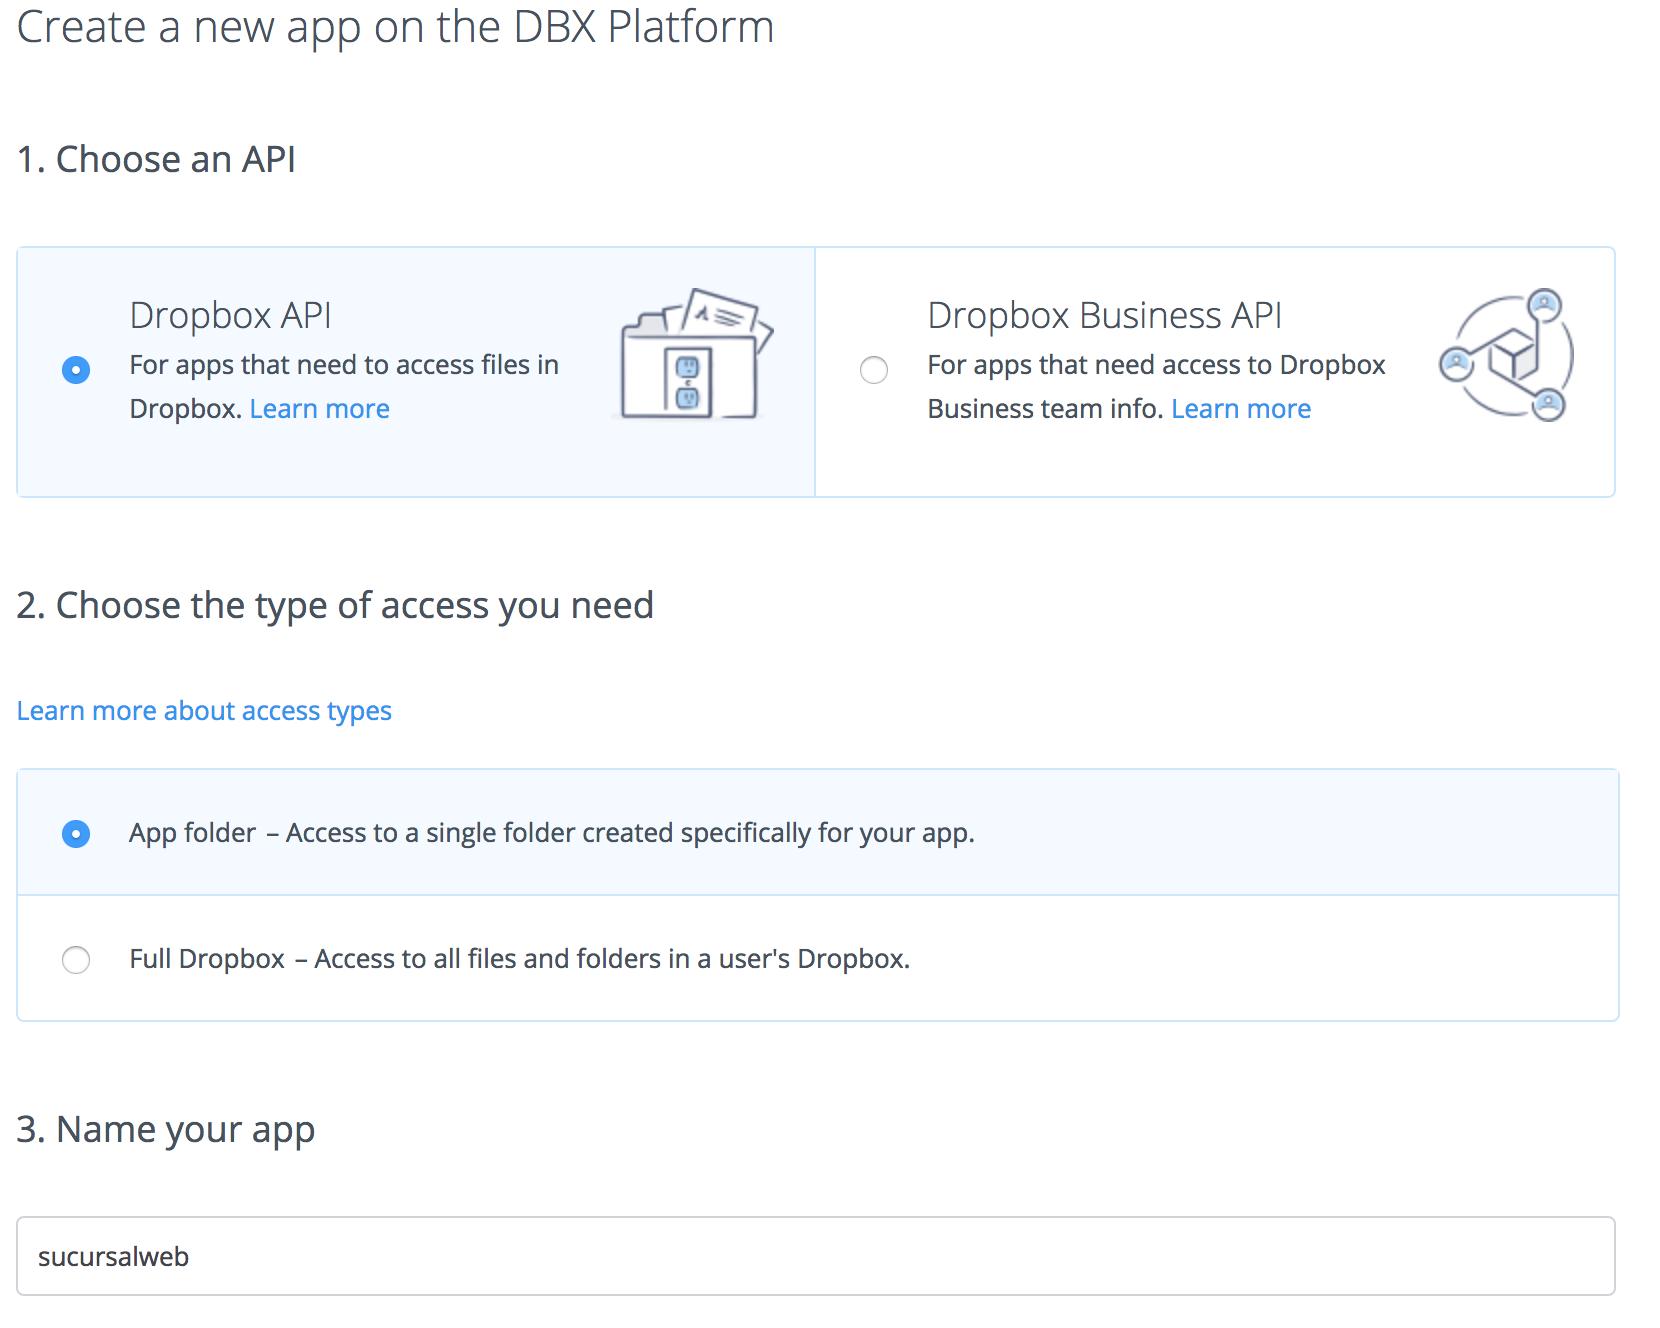 crear-app-dropbox